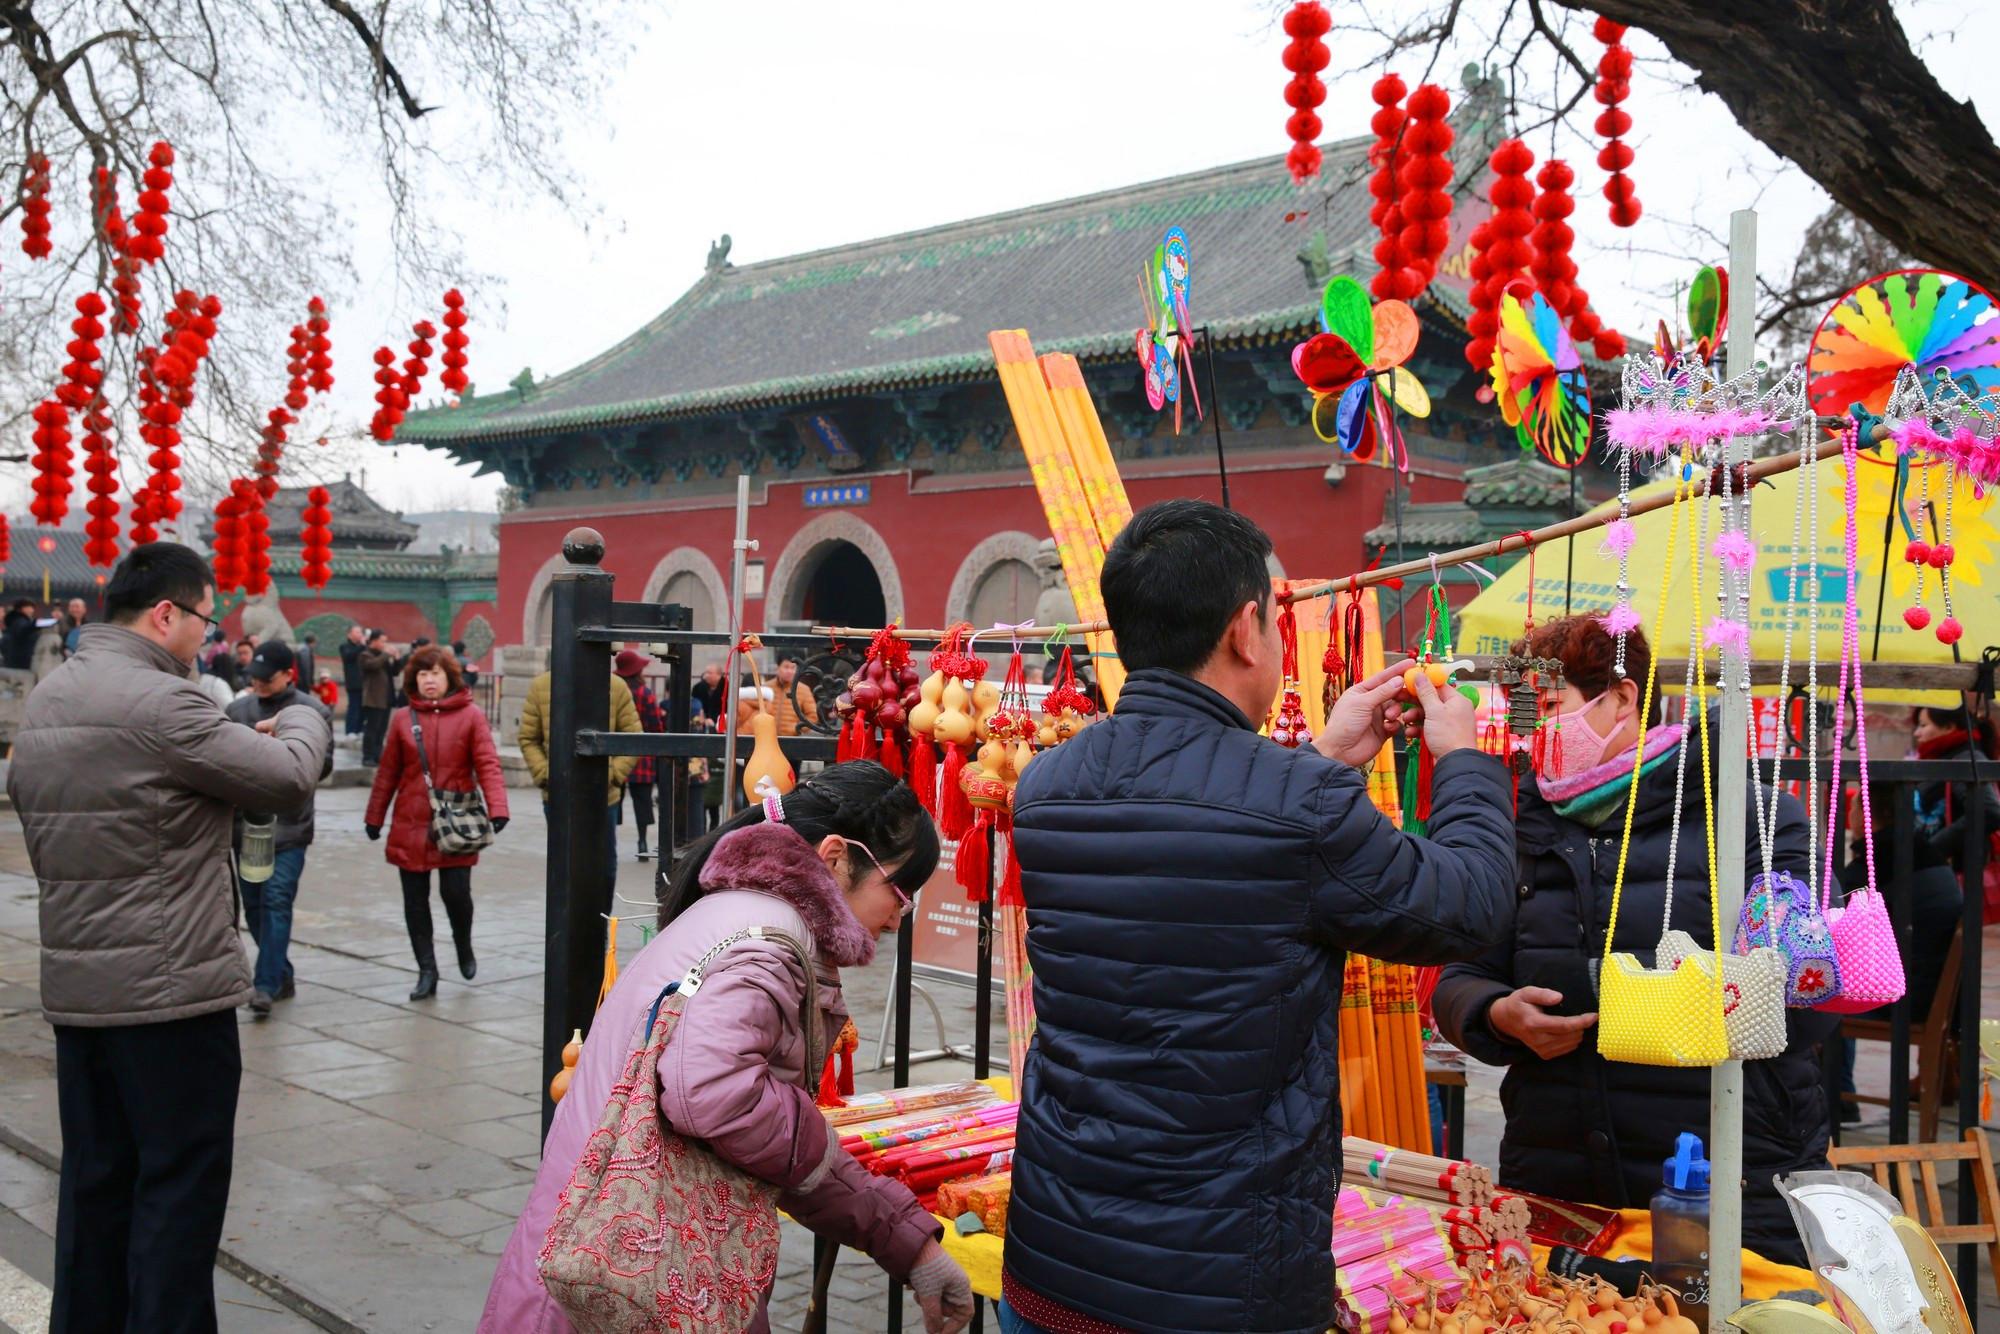 仅有50万人的佛系小城,曾与北京齐名,珍藏6大国家宝藏